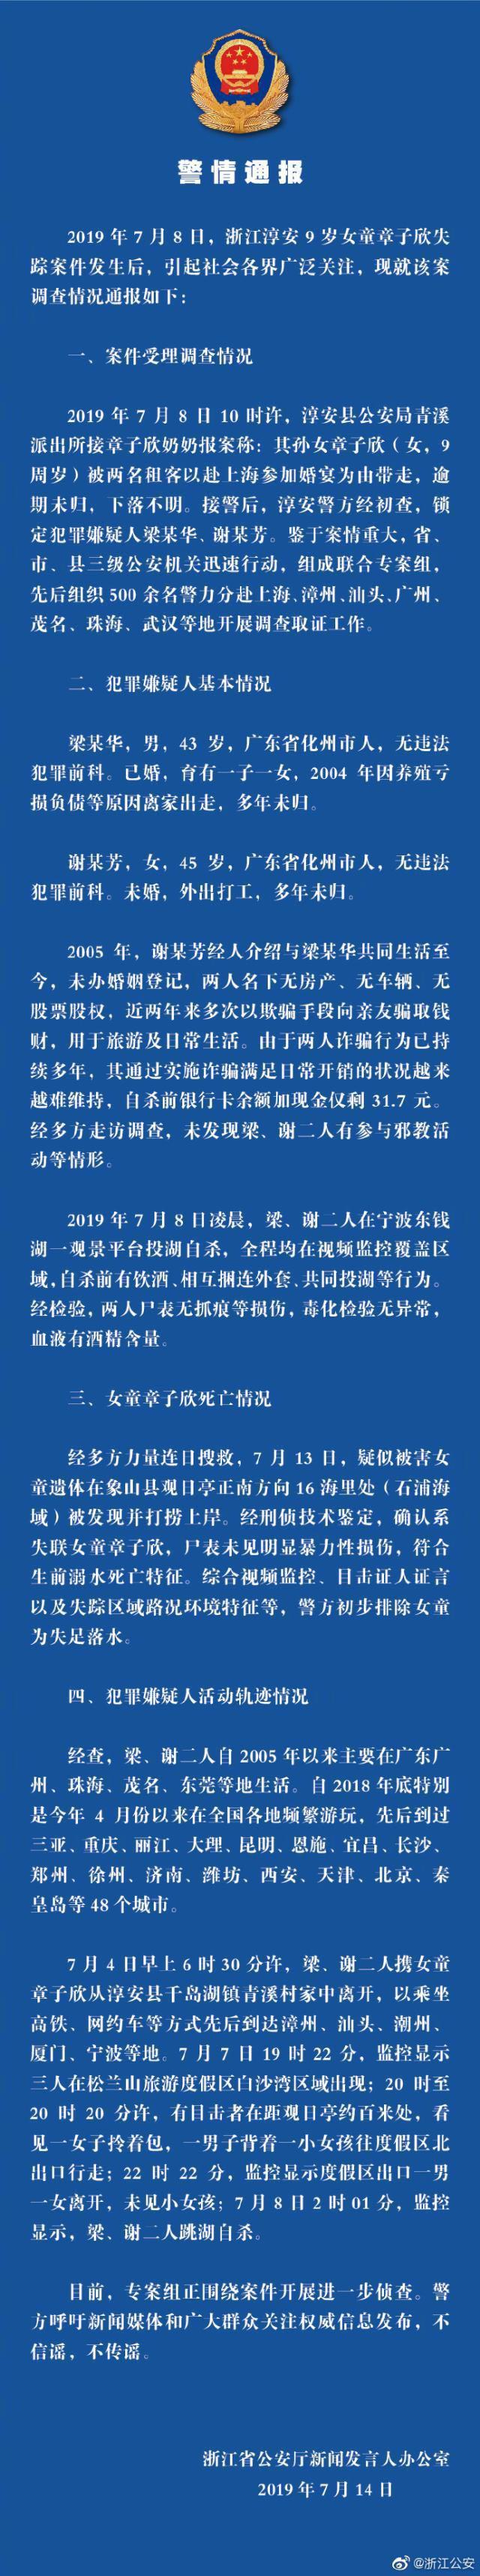 浙江警方通报淳安失踪女童案调查情况